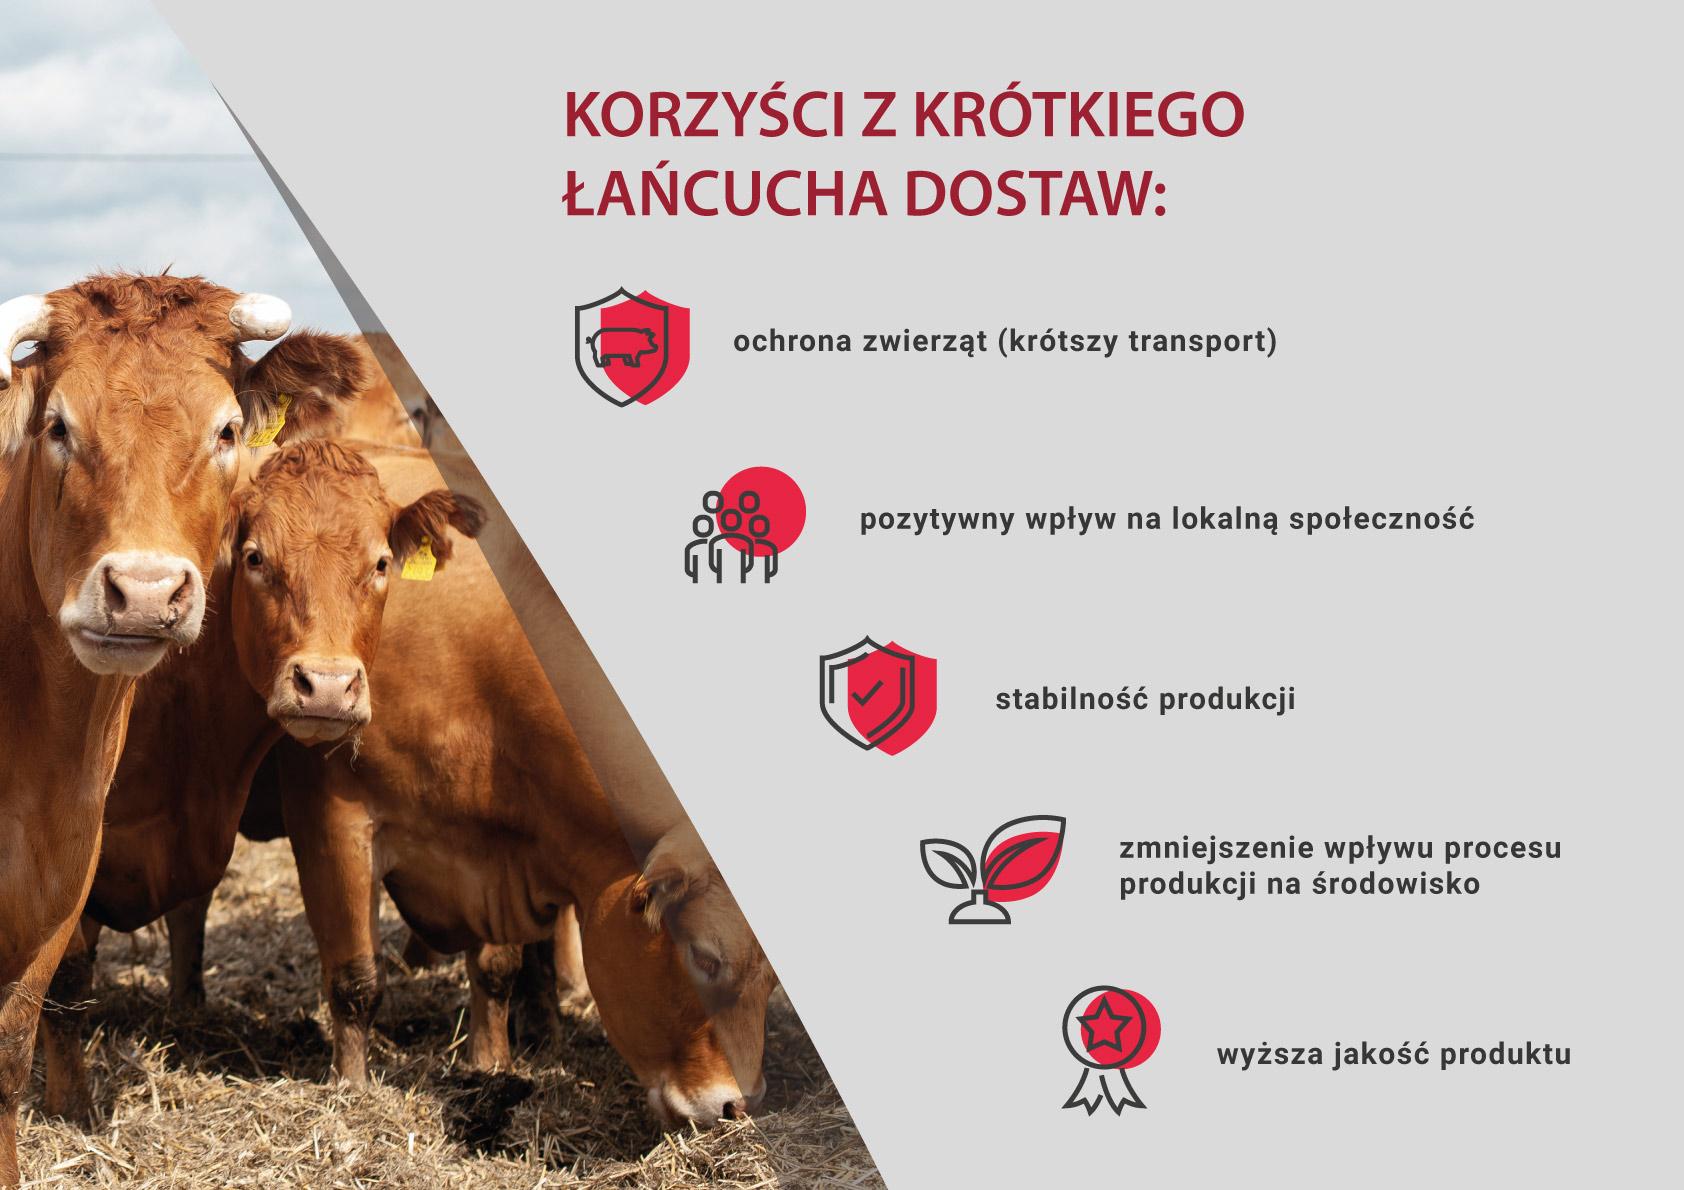 Małe i średnie przetwórstwo mięsa w Unii Europejskiej  – jak krótki łańcuch dostaw zapewnia świetną jakość